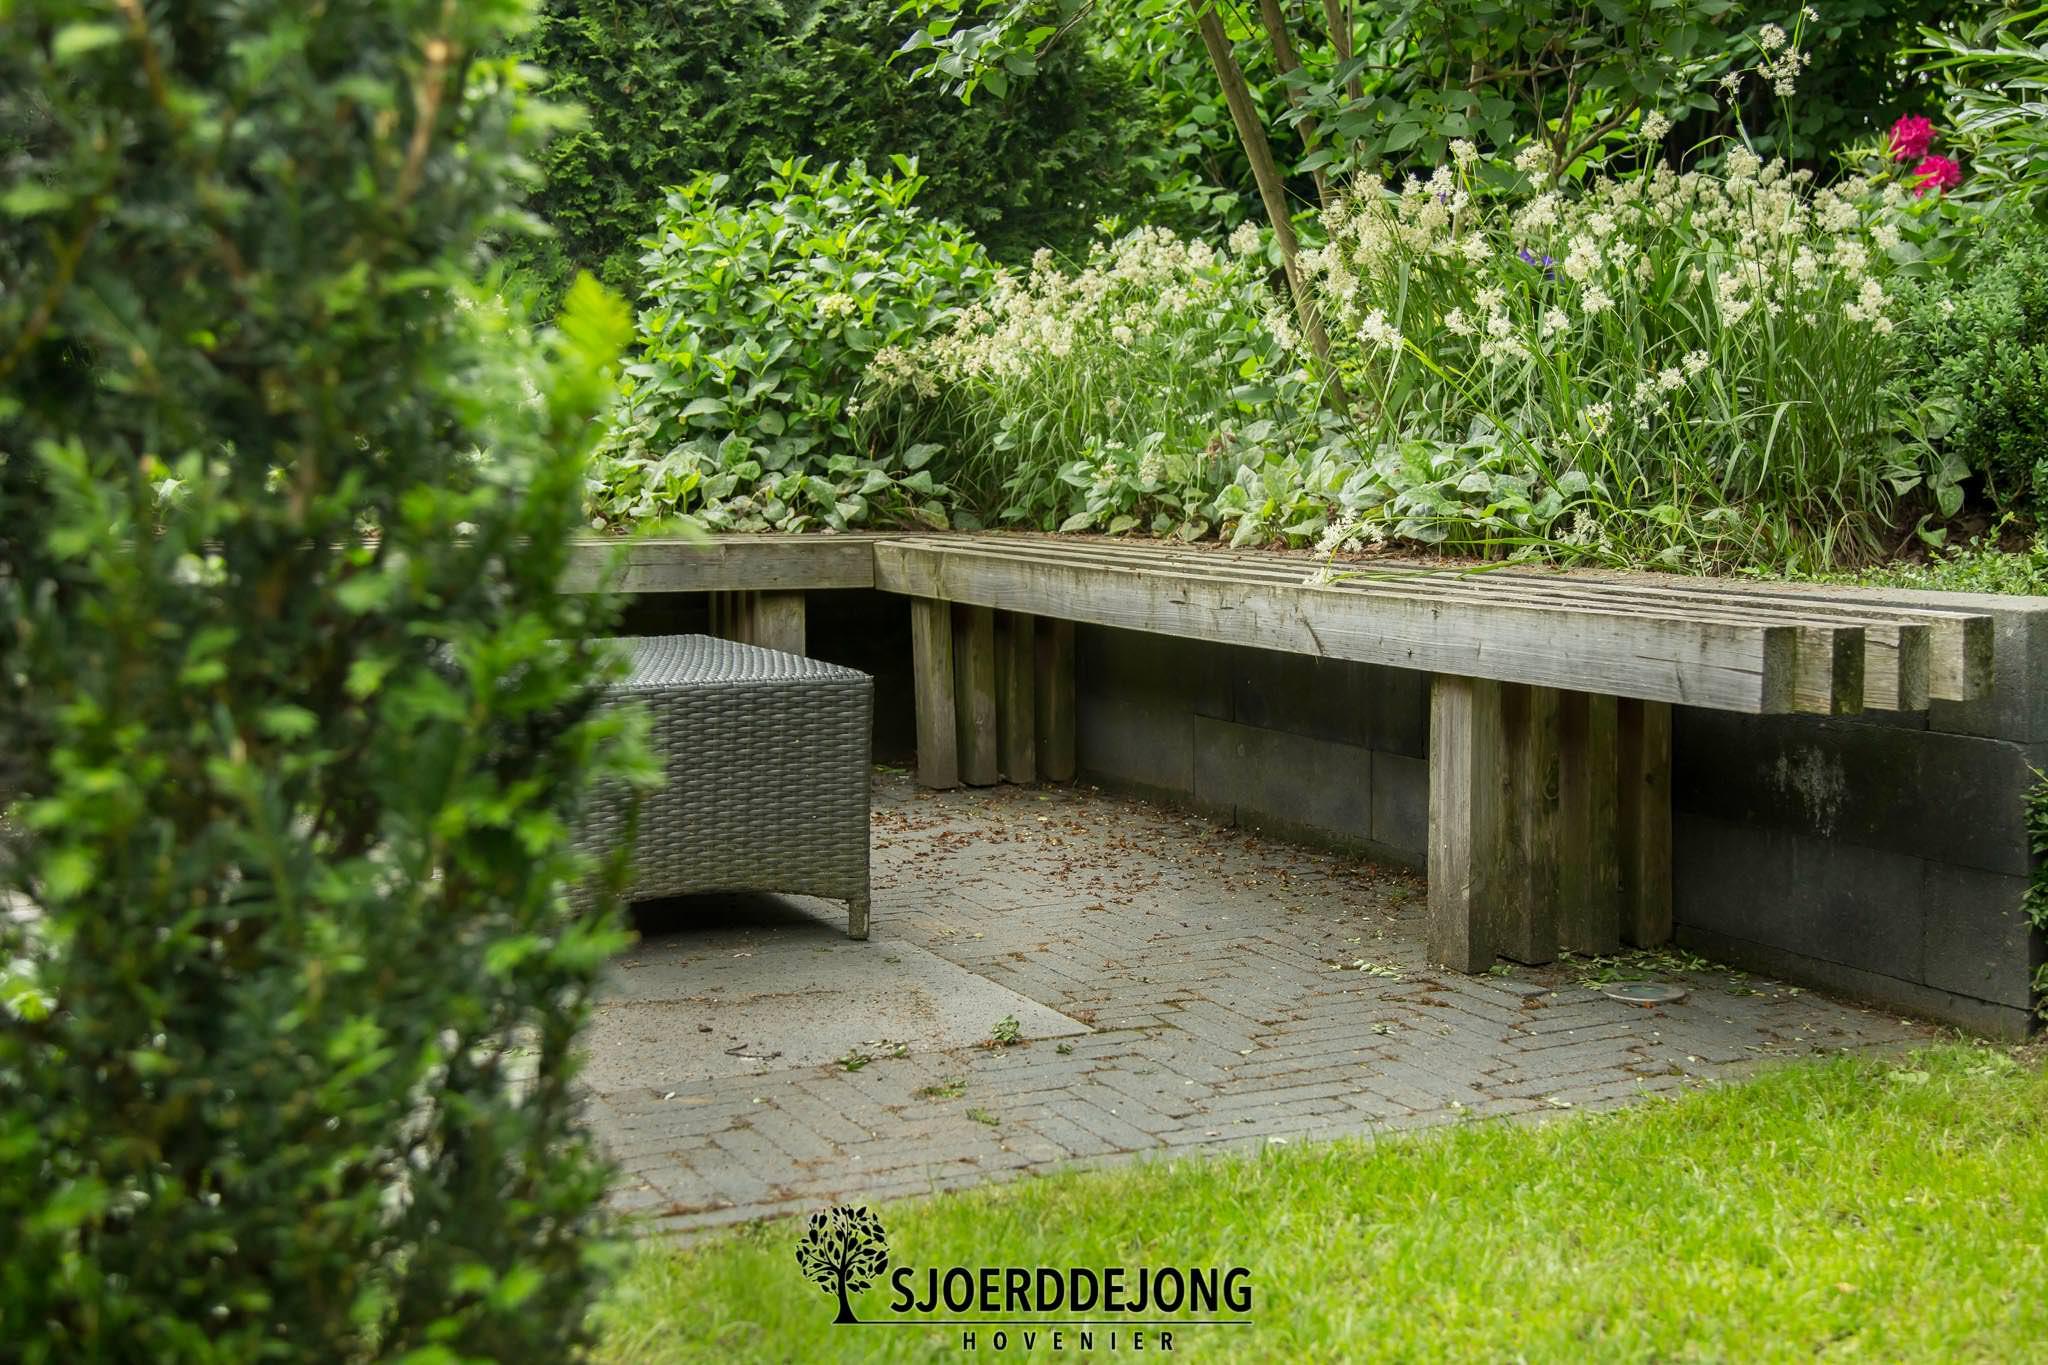 Stadstuin-Ulft-Tuinbankje-waterornament-onderhoudsvriendelijk-Sjoerd-de-Jong-Hovenier-Doetinchem